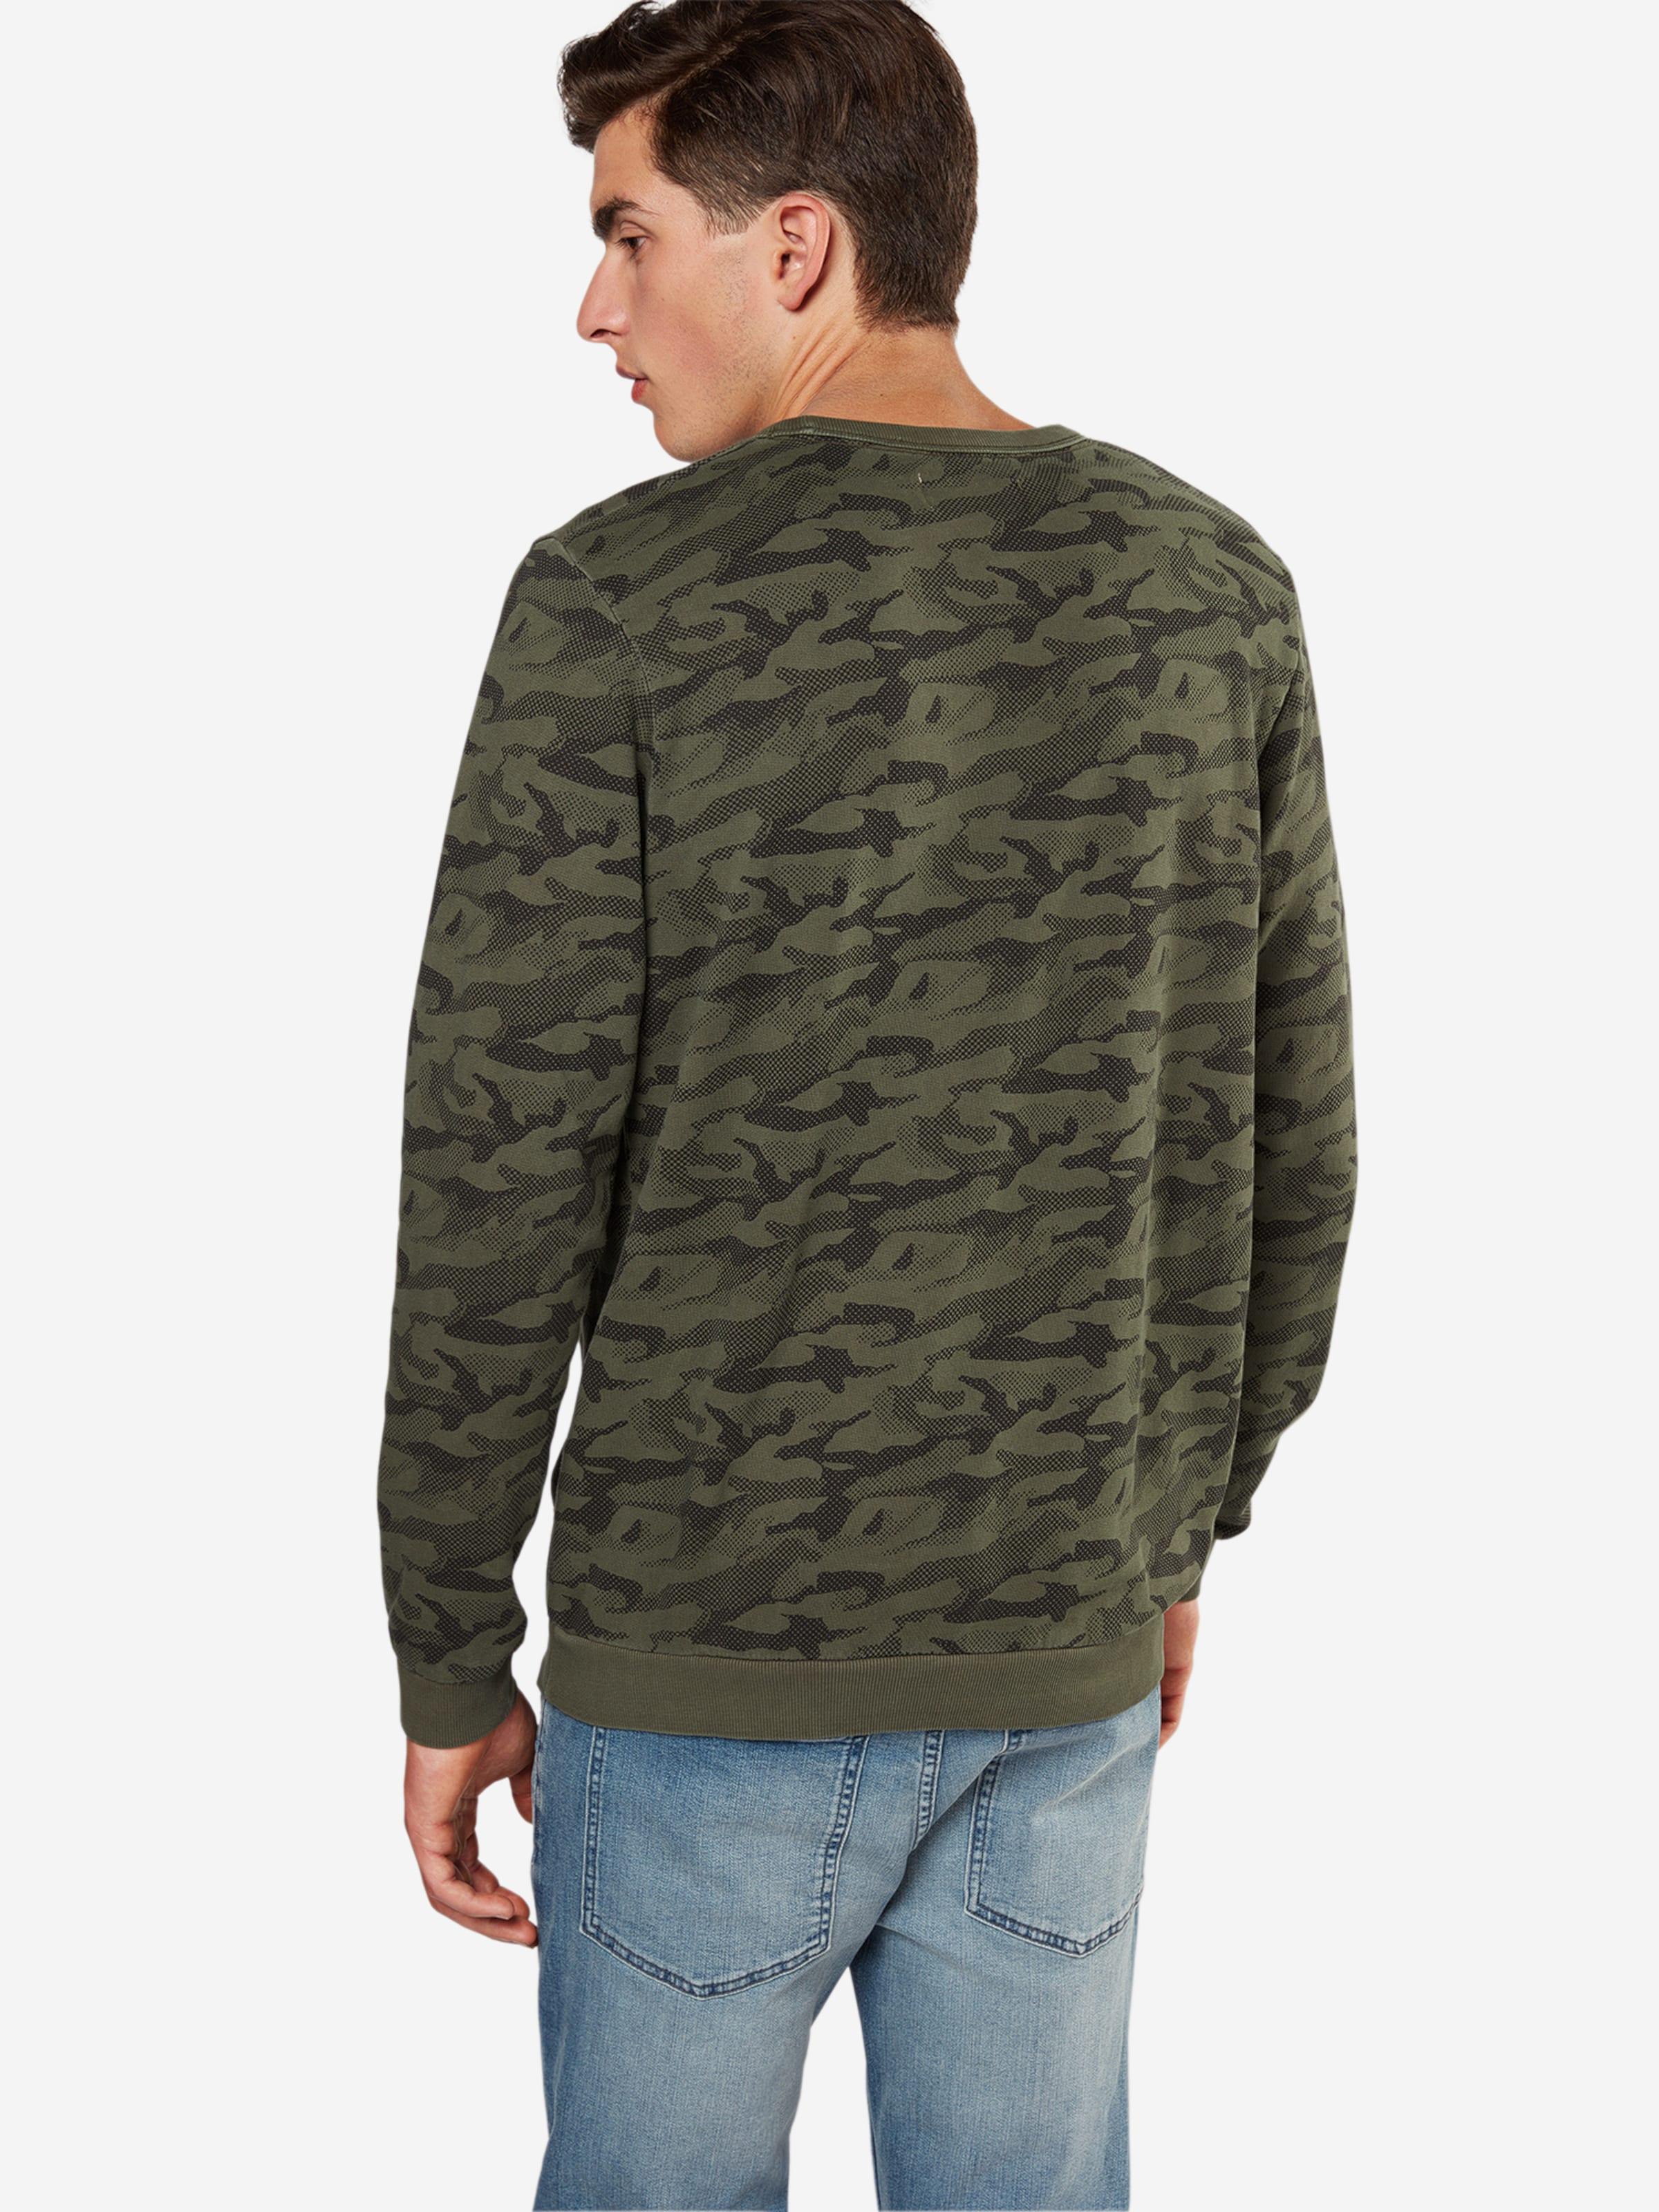 TOM TAILOR DENIM Sweater 'crewneck sweat w.camouflage' Verkaufen Sind Große gwBWe7Ev